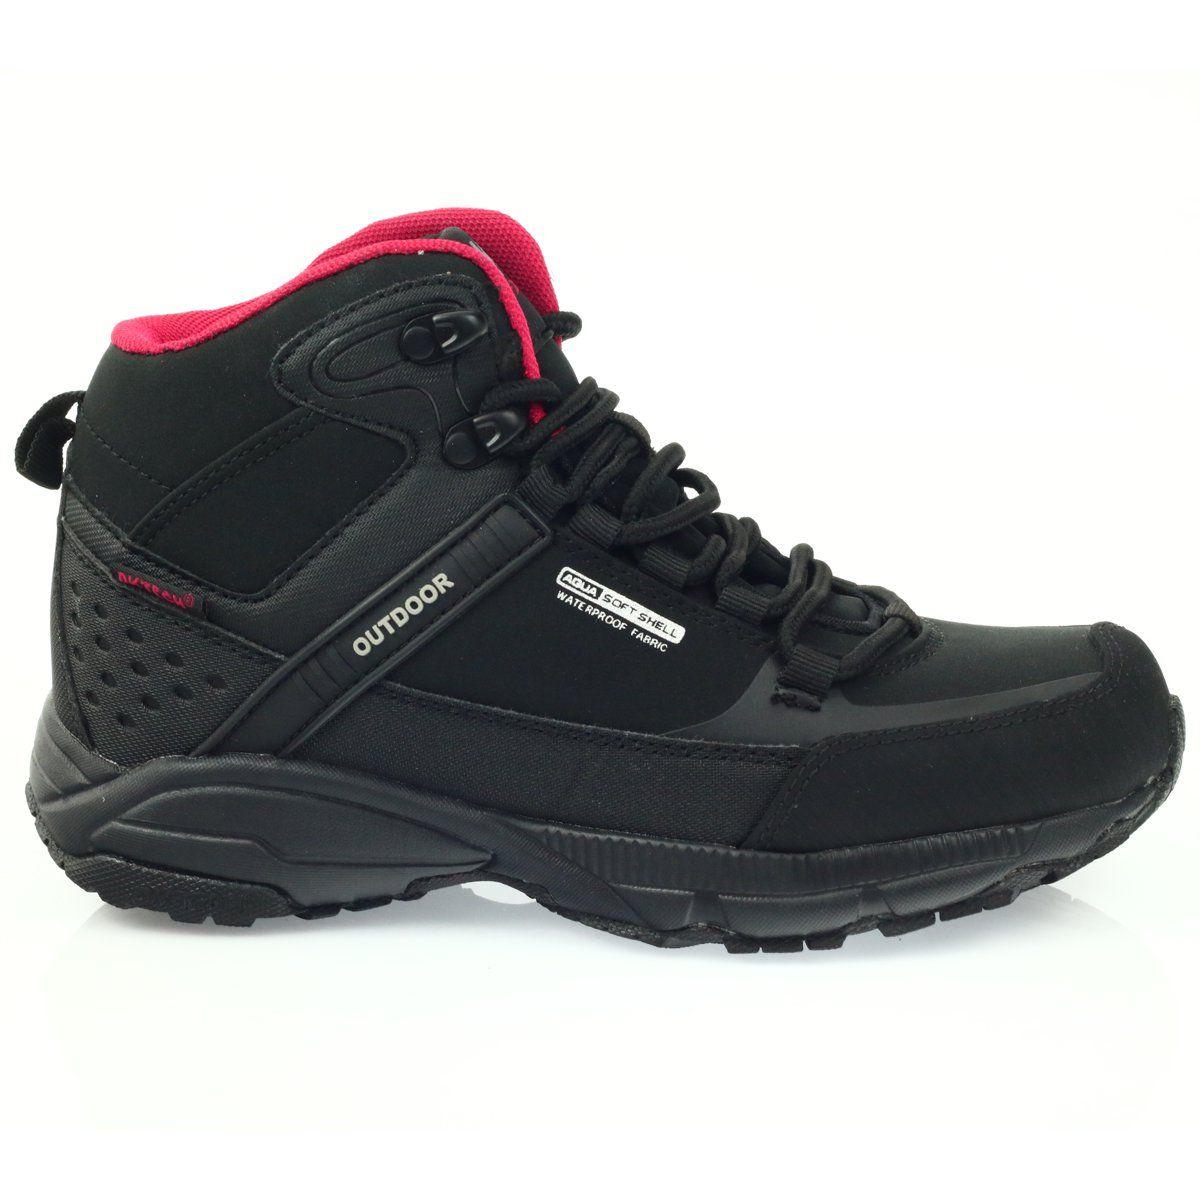 Buty Trekkingowe Softshell Dk 1751 Czarne Czerwone Sketchers Sneakers Dc Sneaker Shoes